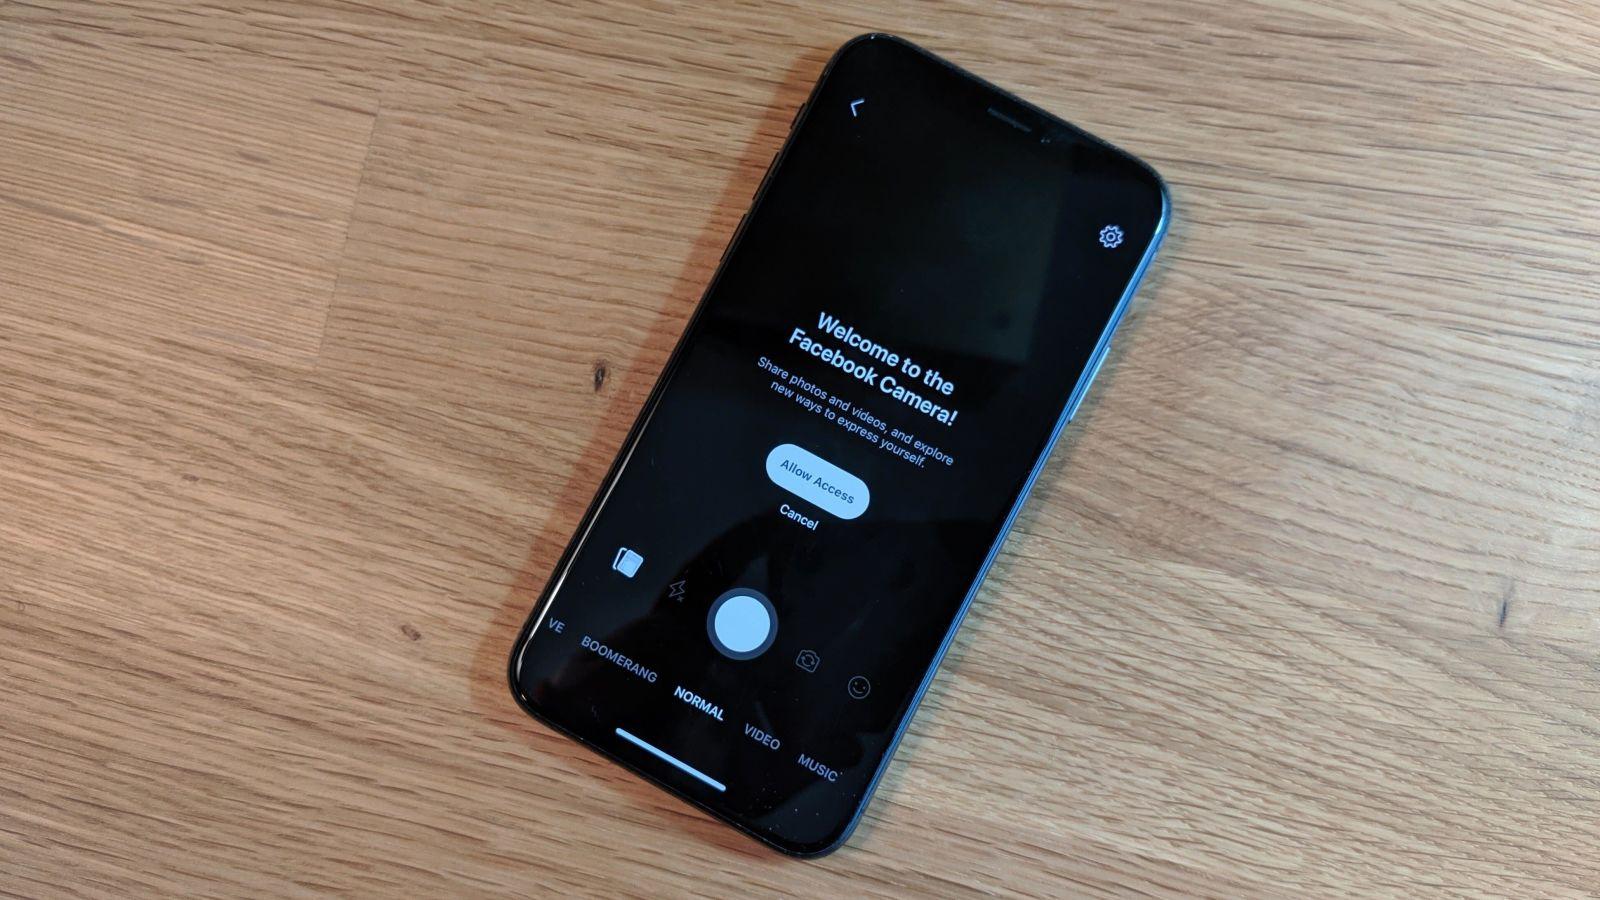 دسترسی اپلیکیشن فیسبوک به دوربین را در iOS متوقف کنید؛ جاسوسی احتمالی فیسبوک